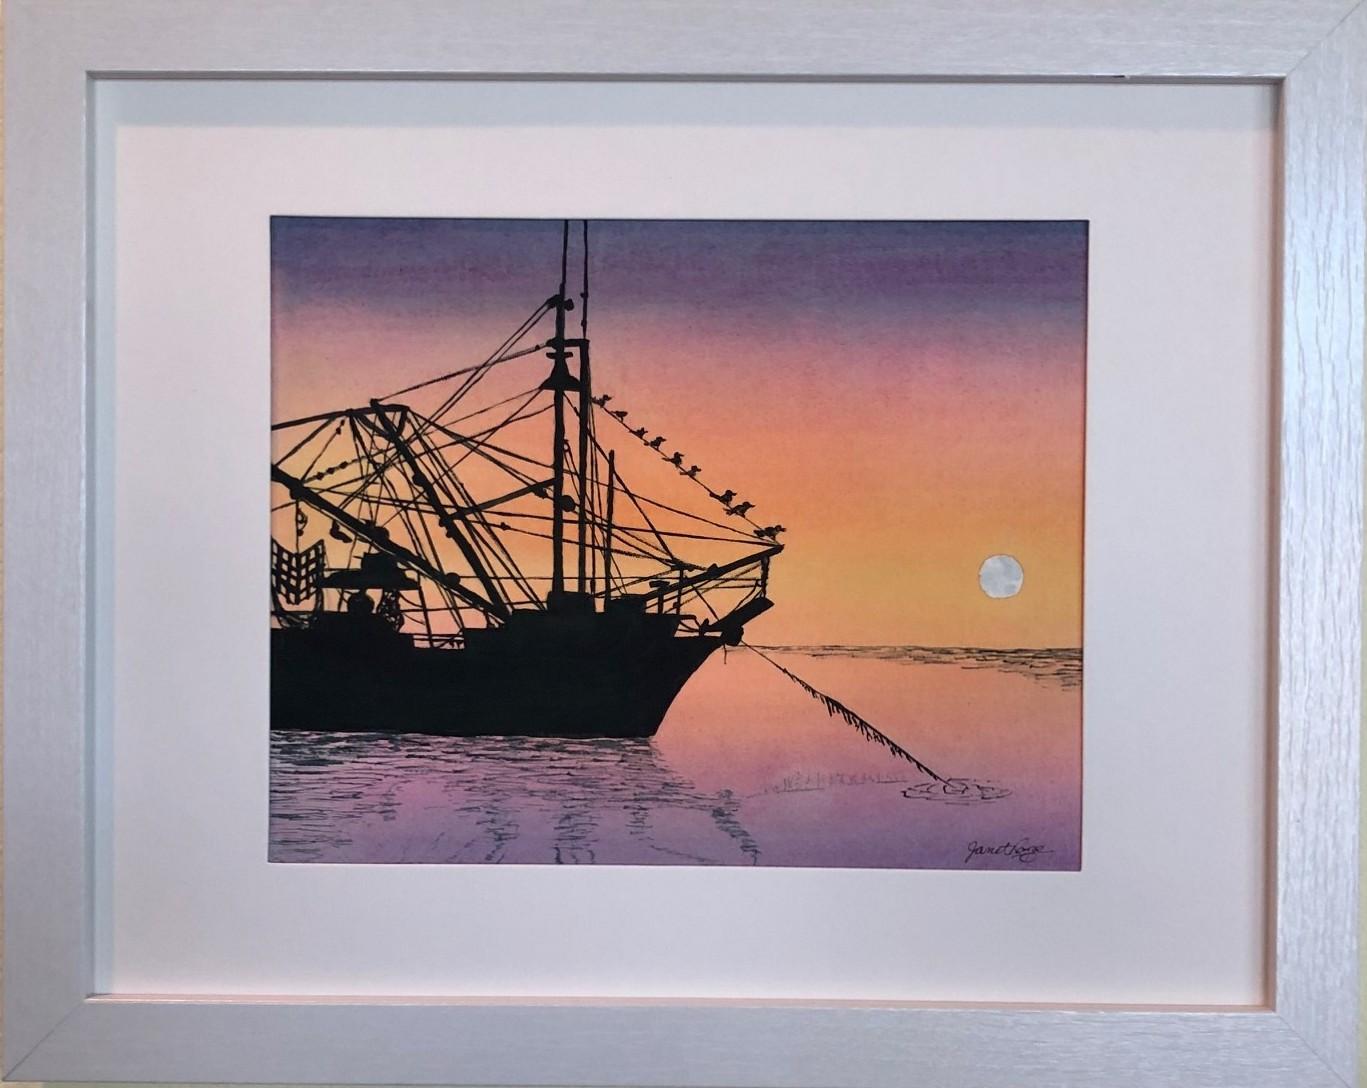 Sunrise-Moonrise Cortez Fishing Trawler